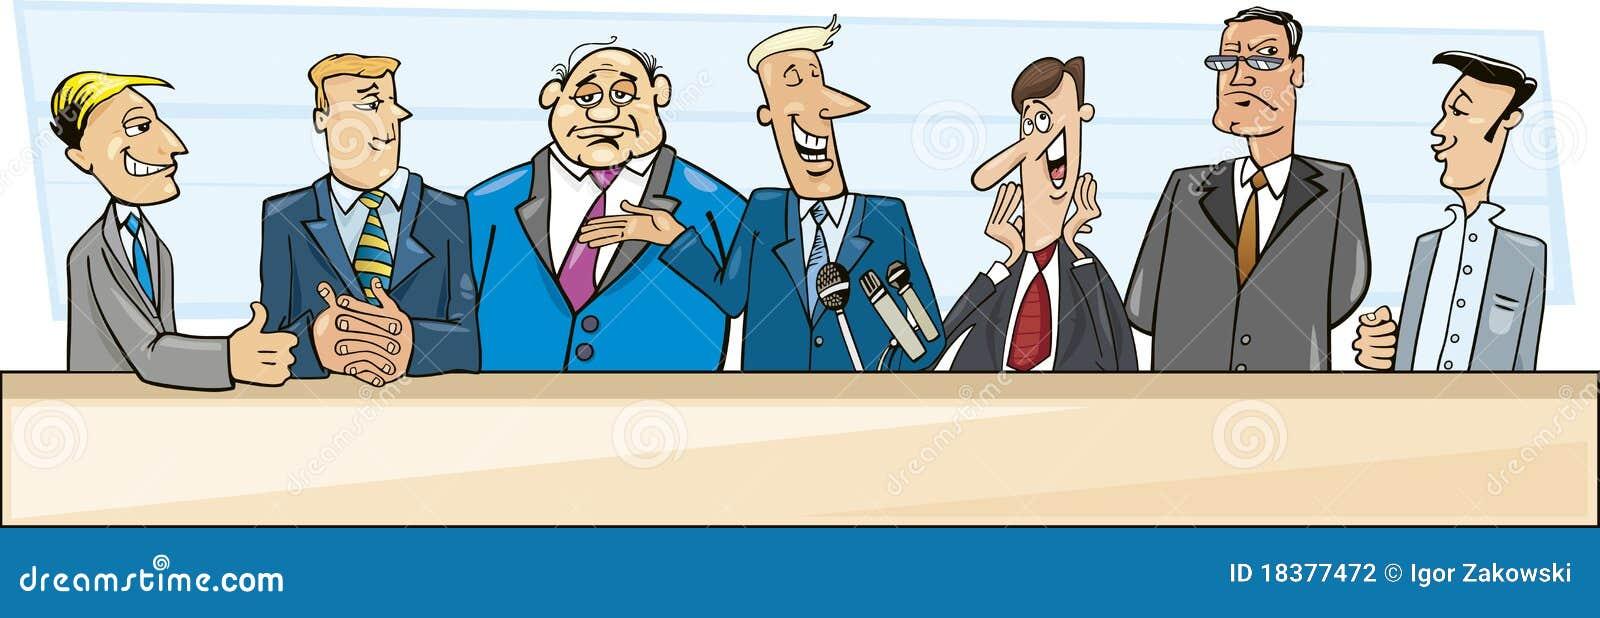 политиканы бизнесменов